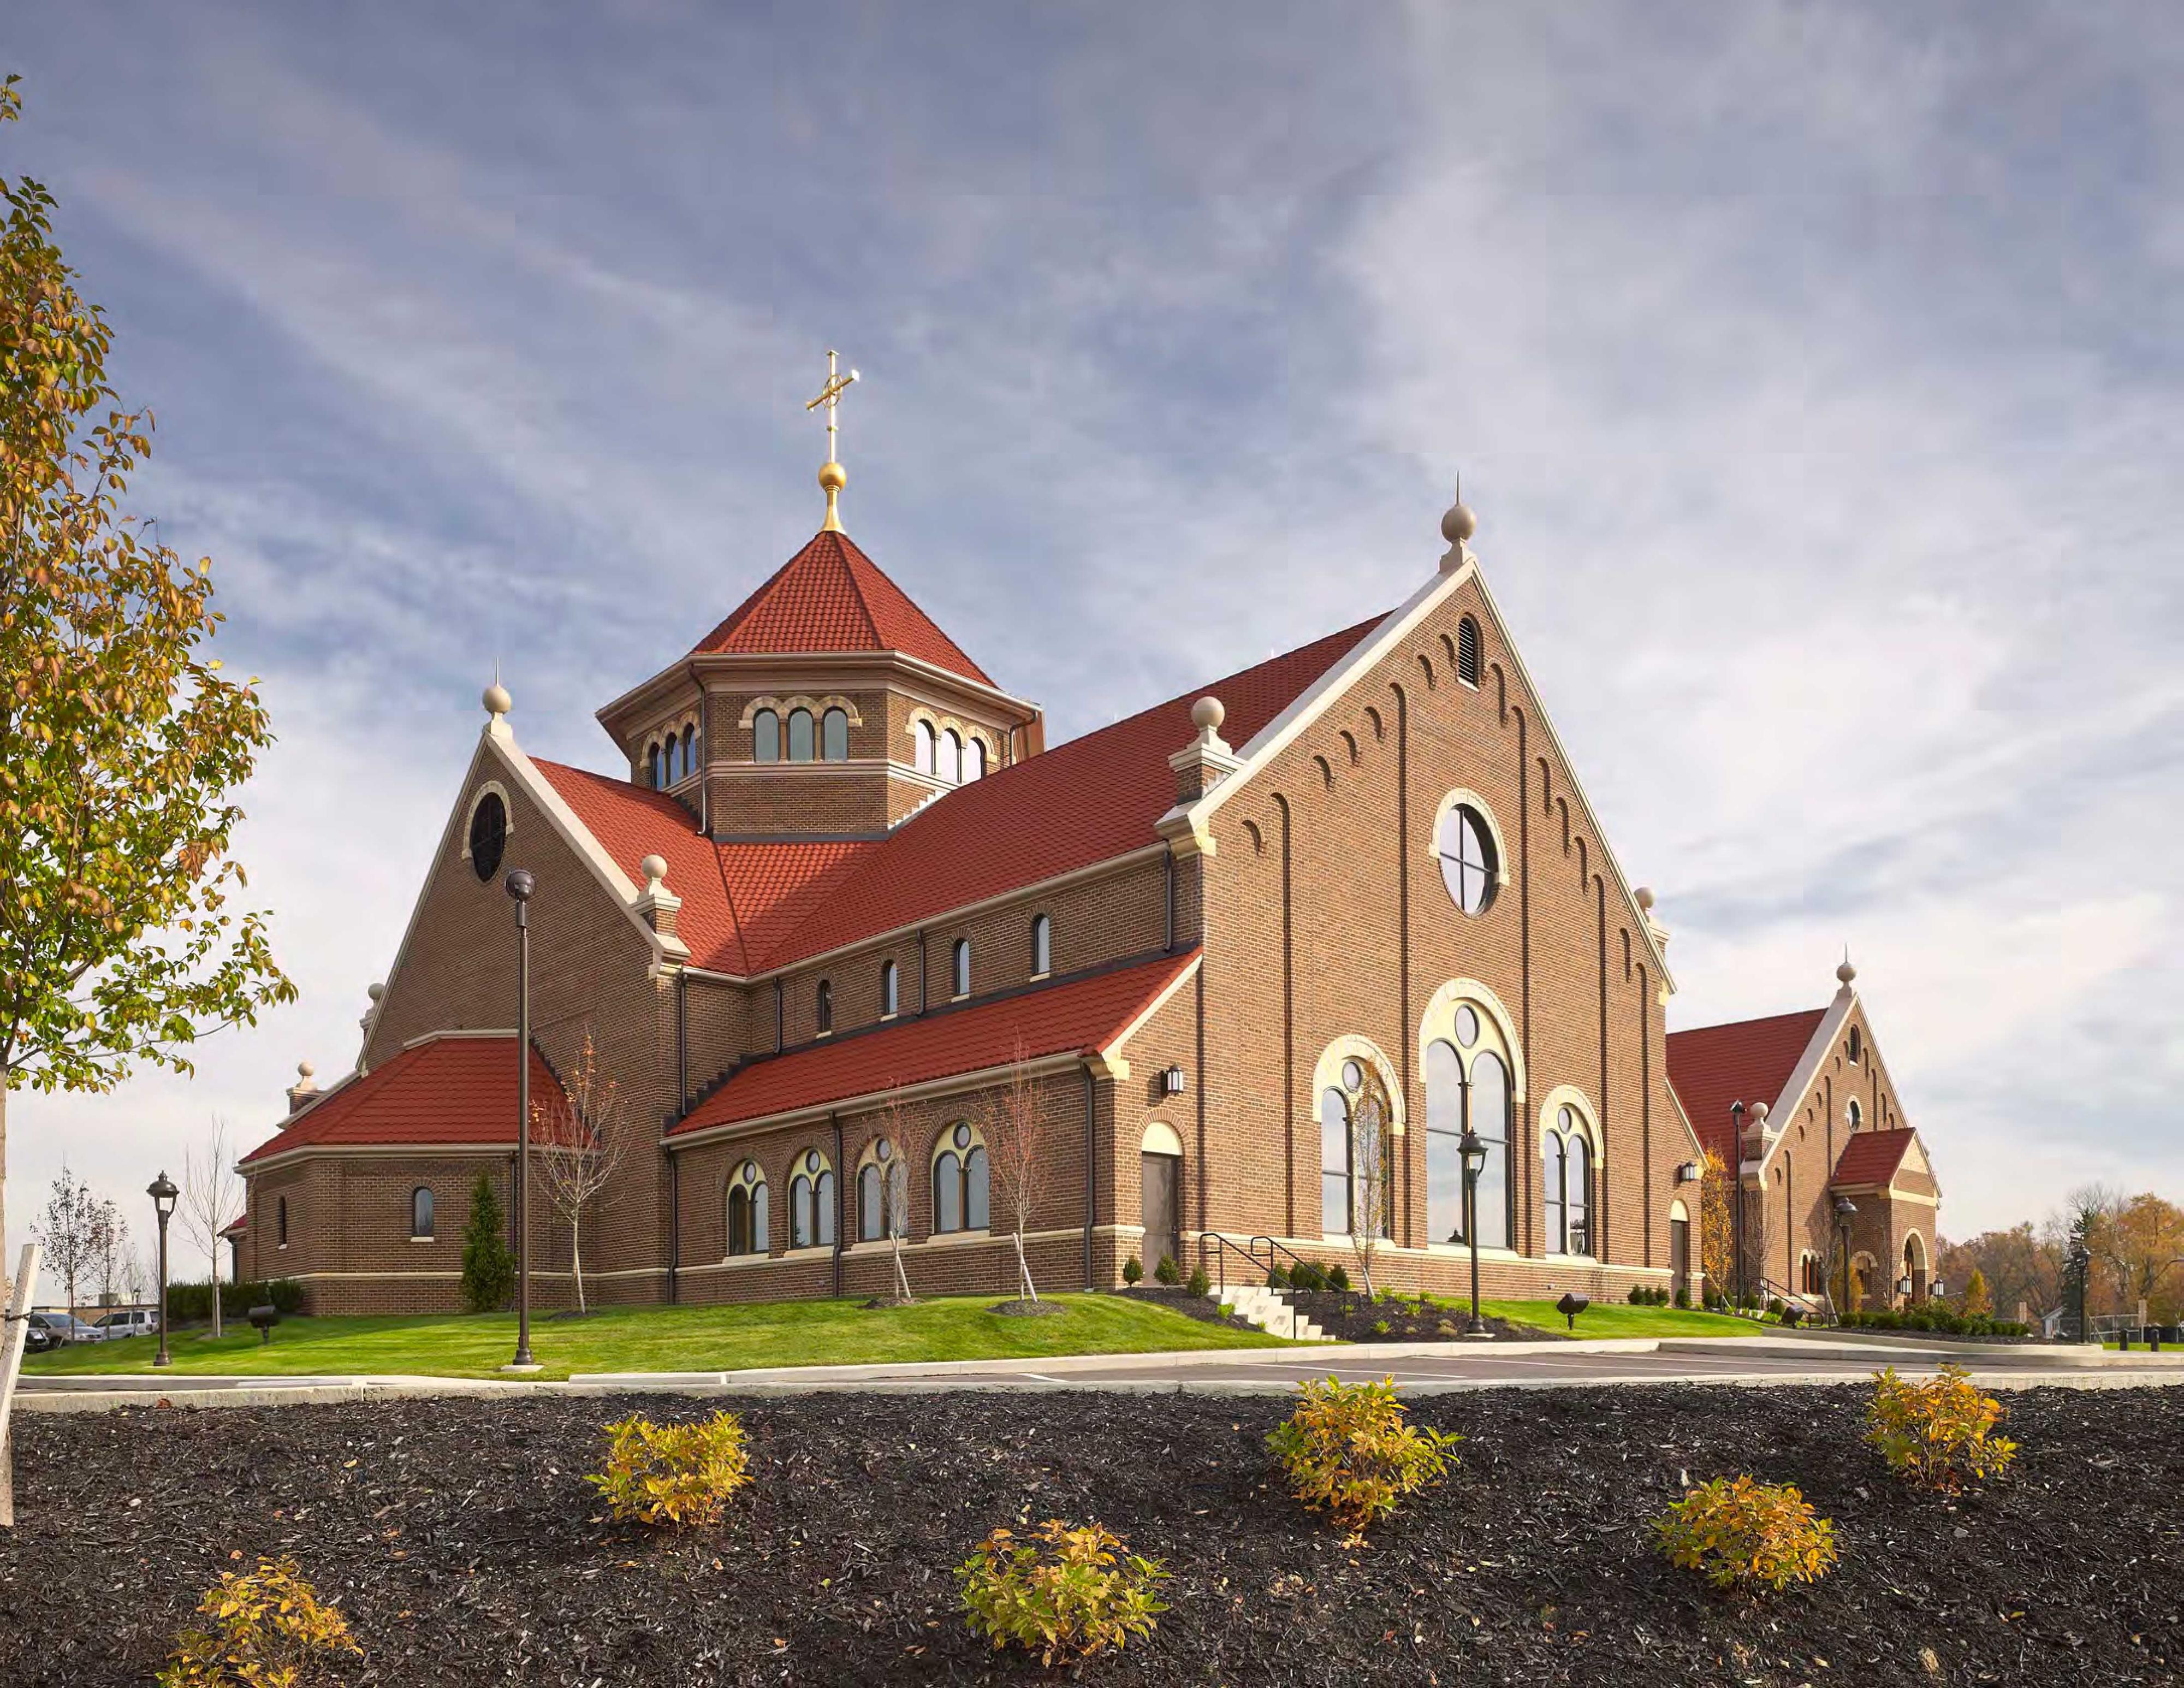 ST. PAUL THE APOSTLE CHURCH